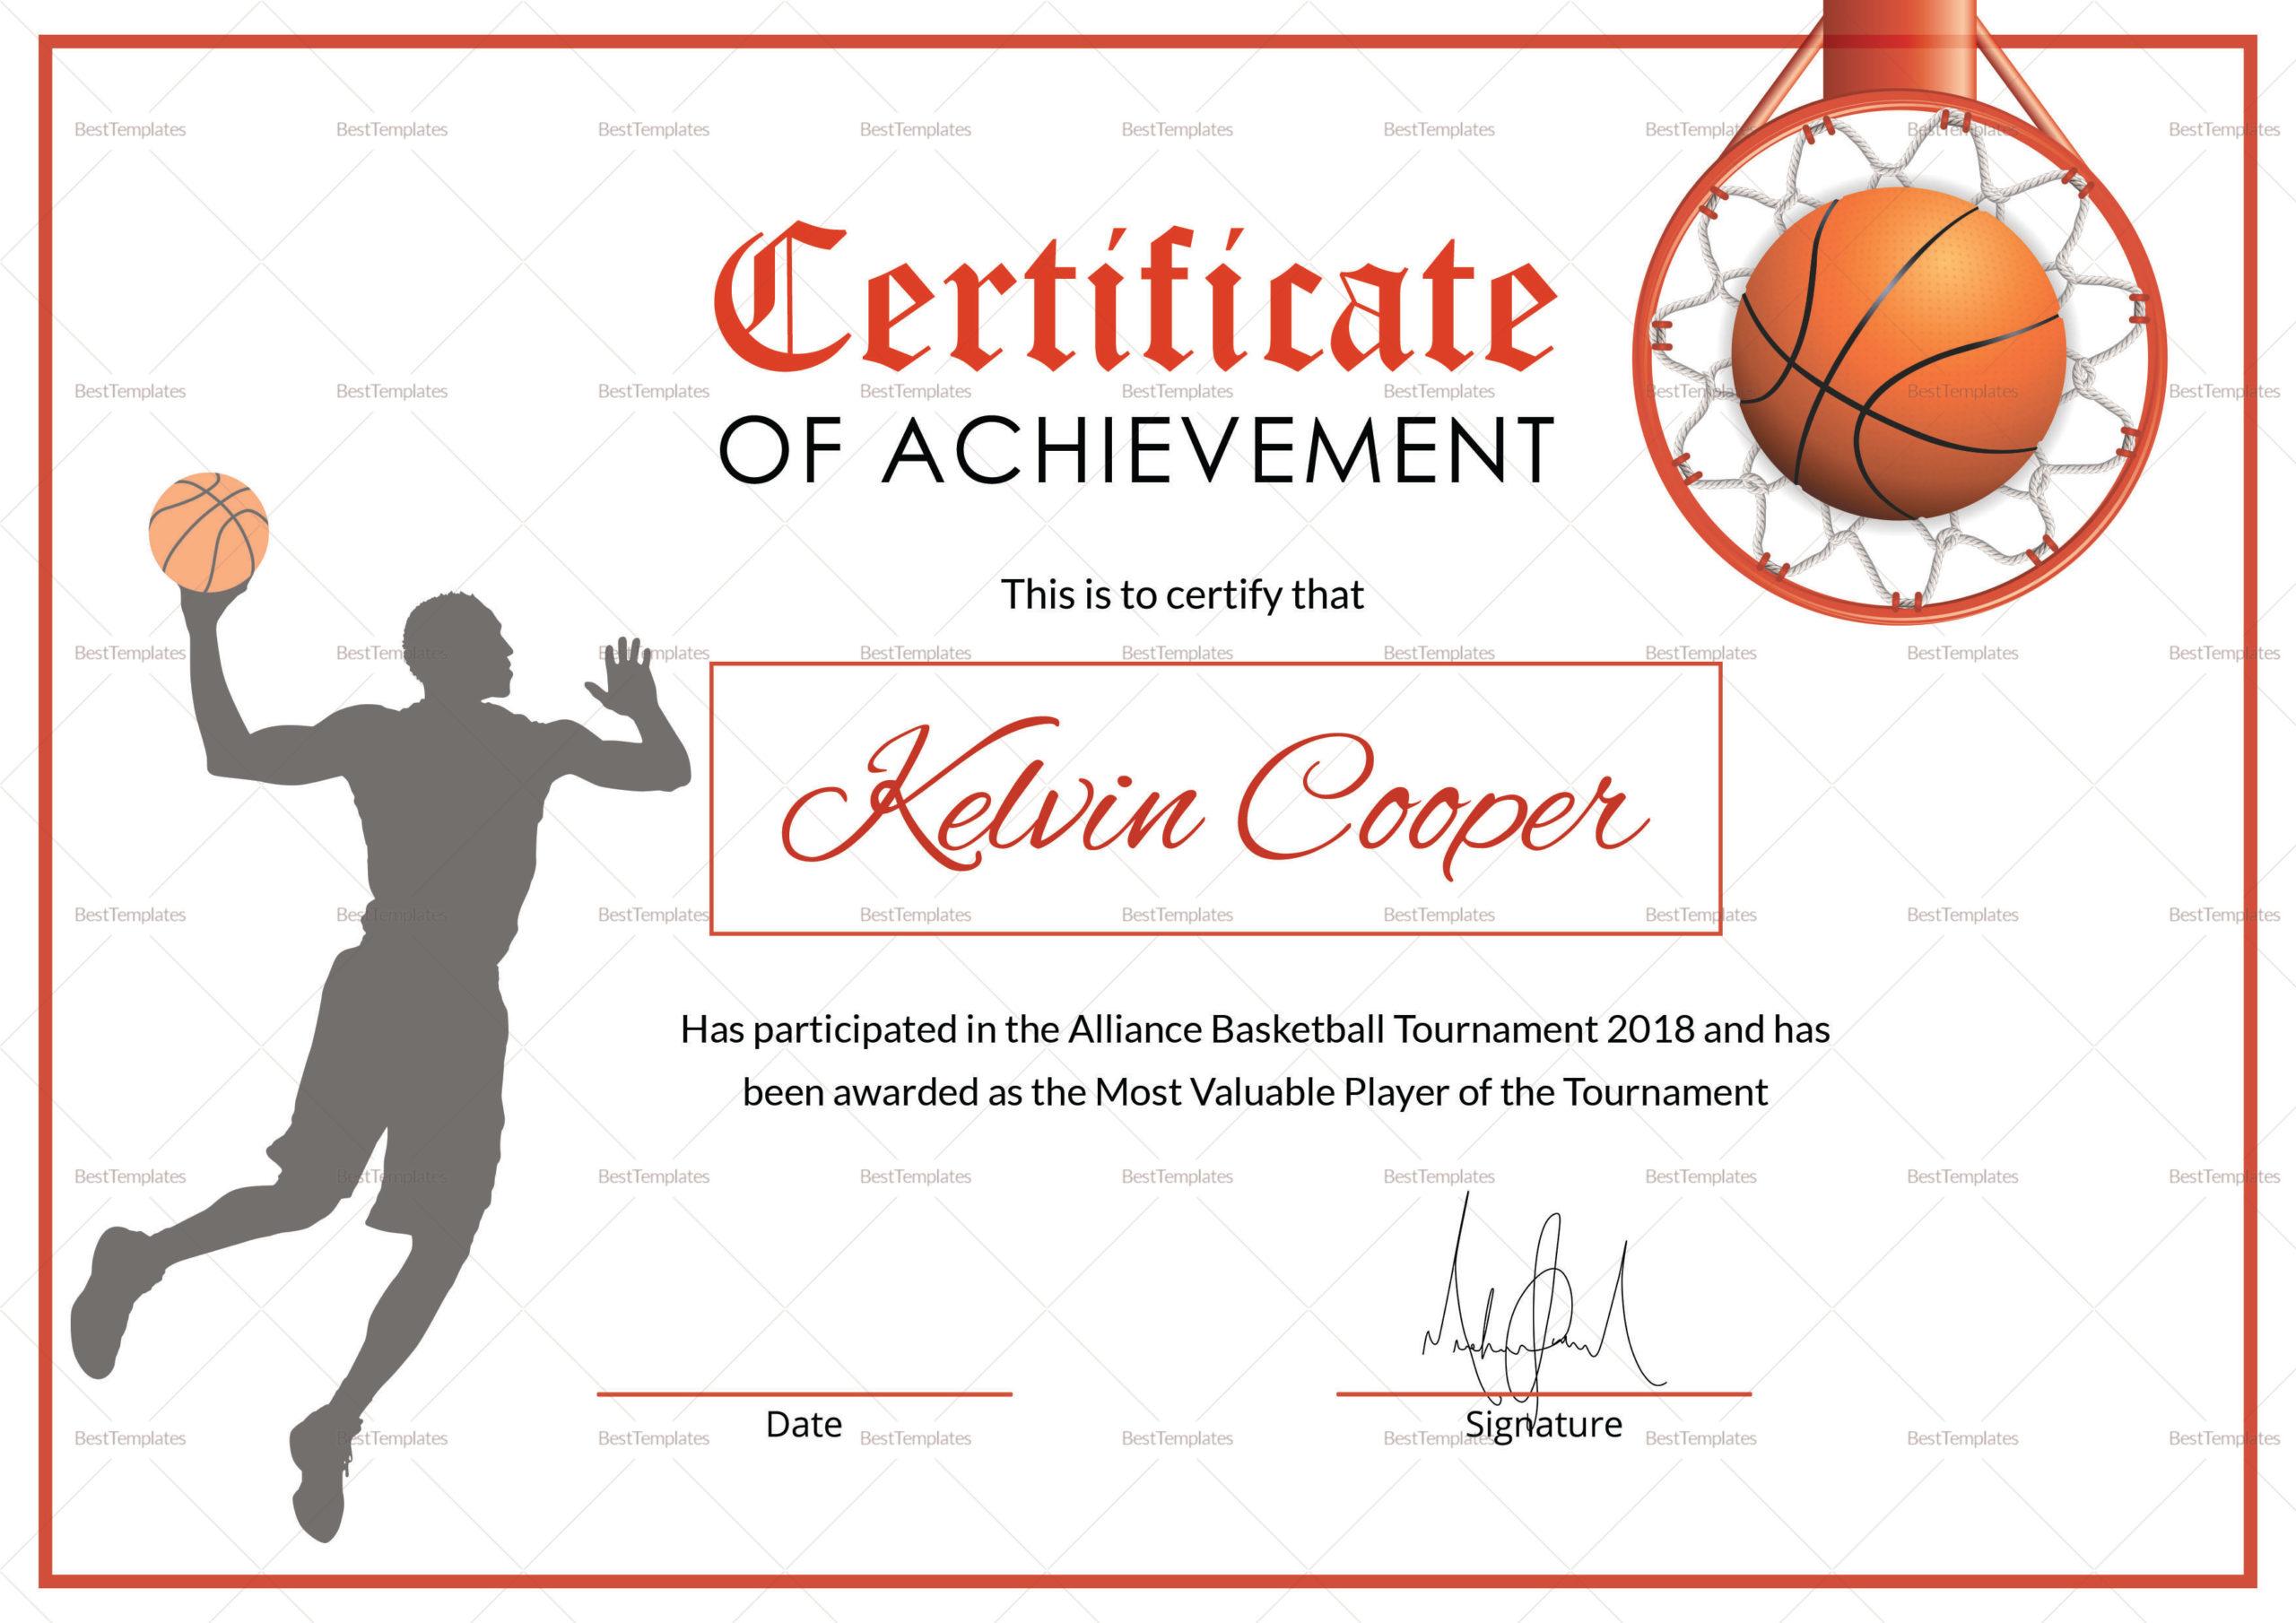 Basketball Award Achievement Certificate Design Template regarding Baseball Certificate Template Free 14 Award Designs